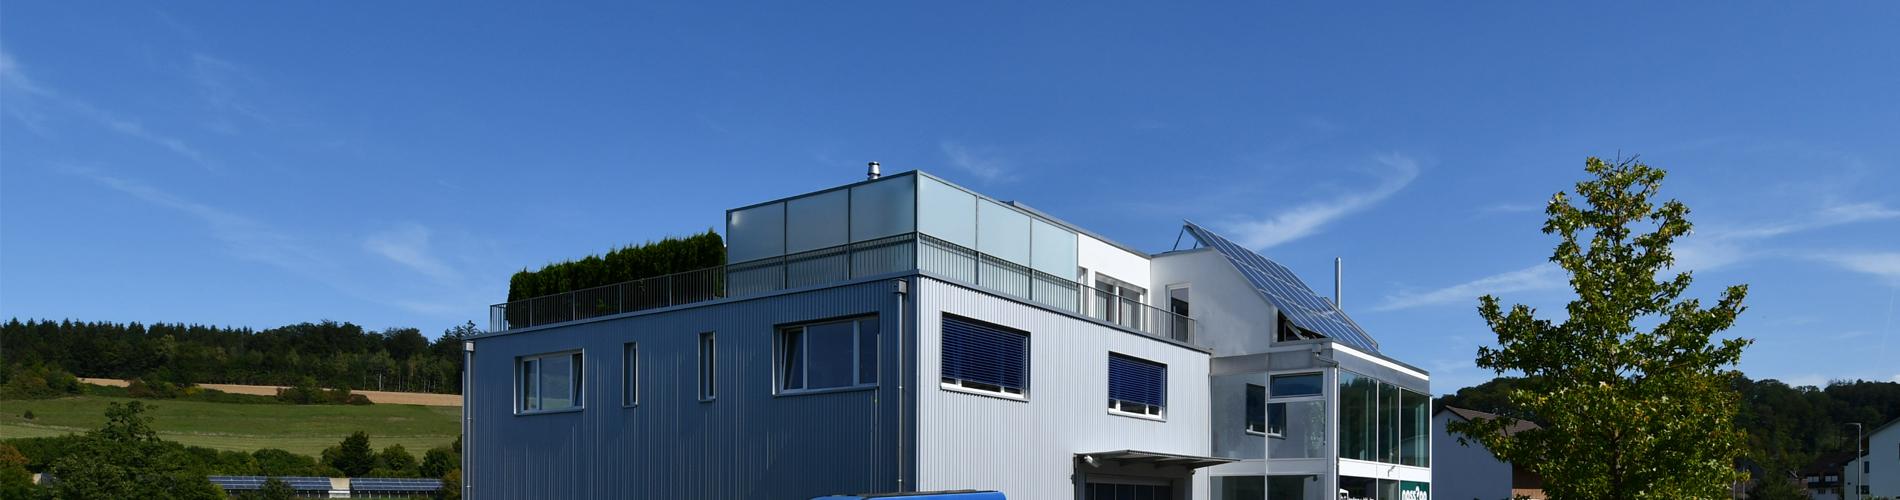 Grossartige 7.5-Zi'-Dachwohnung in Giebenach BL